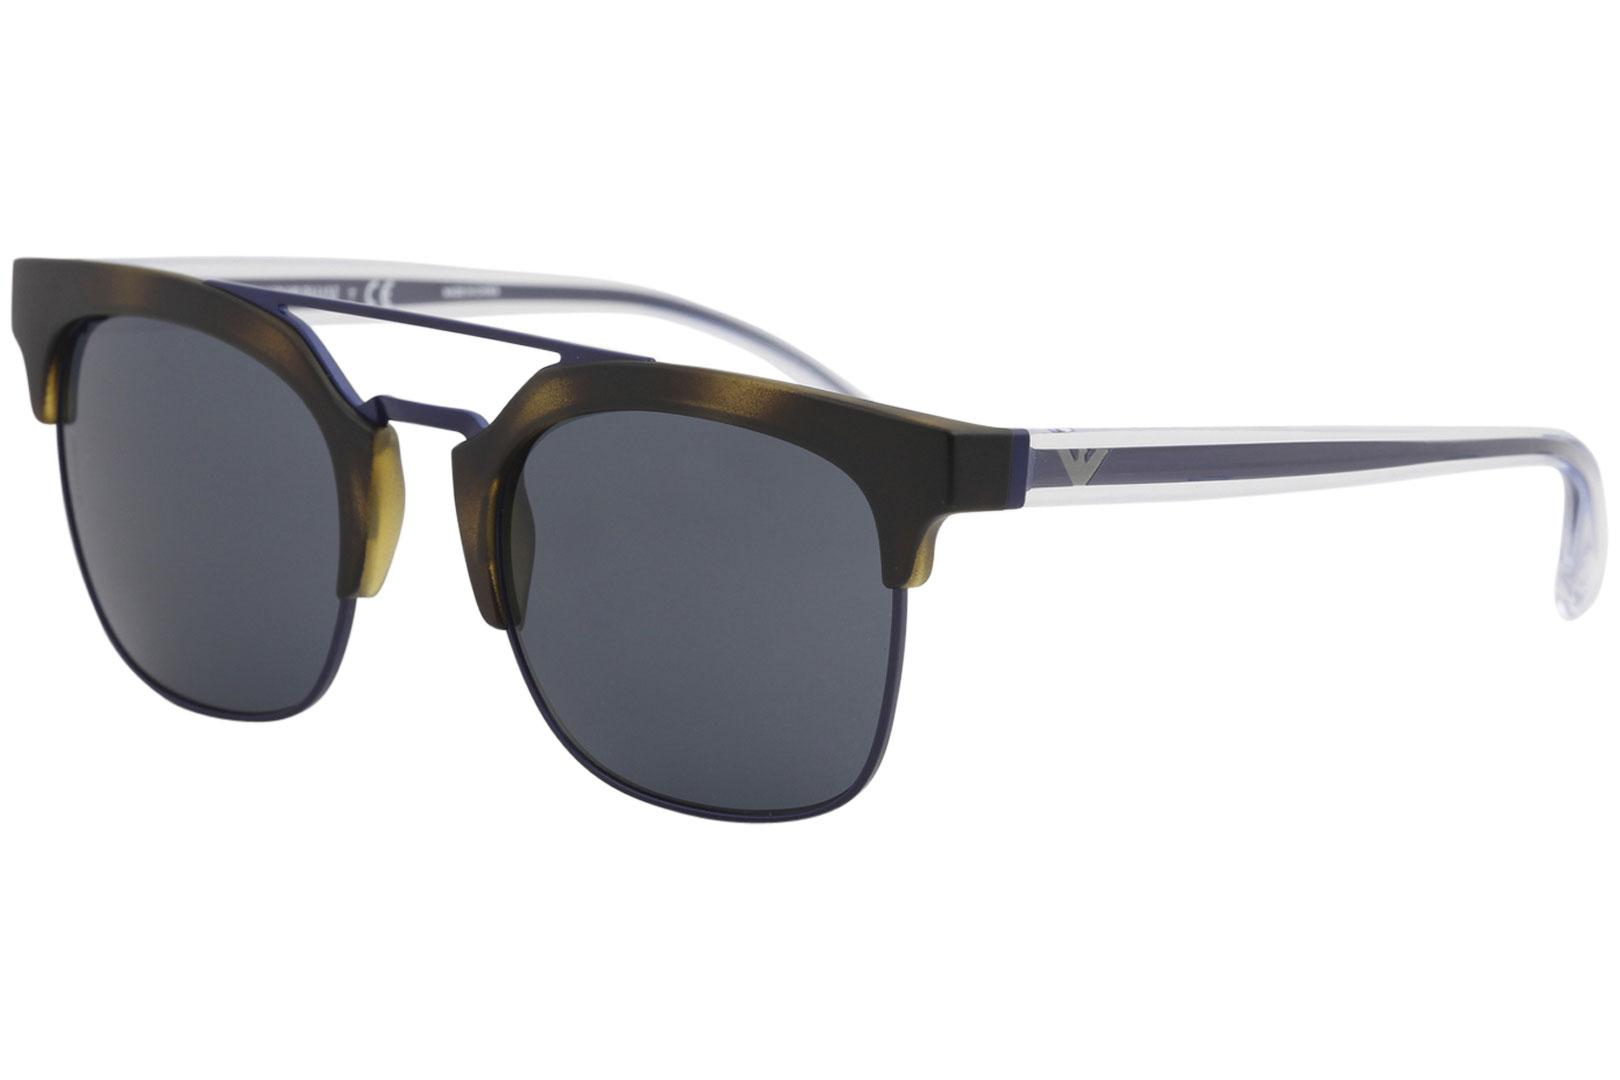 e802669c69e Emporio Armani Men s EA4093 EA 4093 Fashion Square Sunglasses